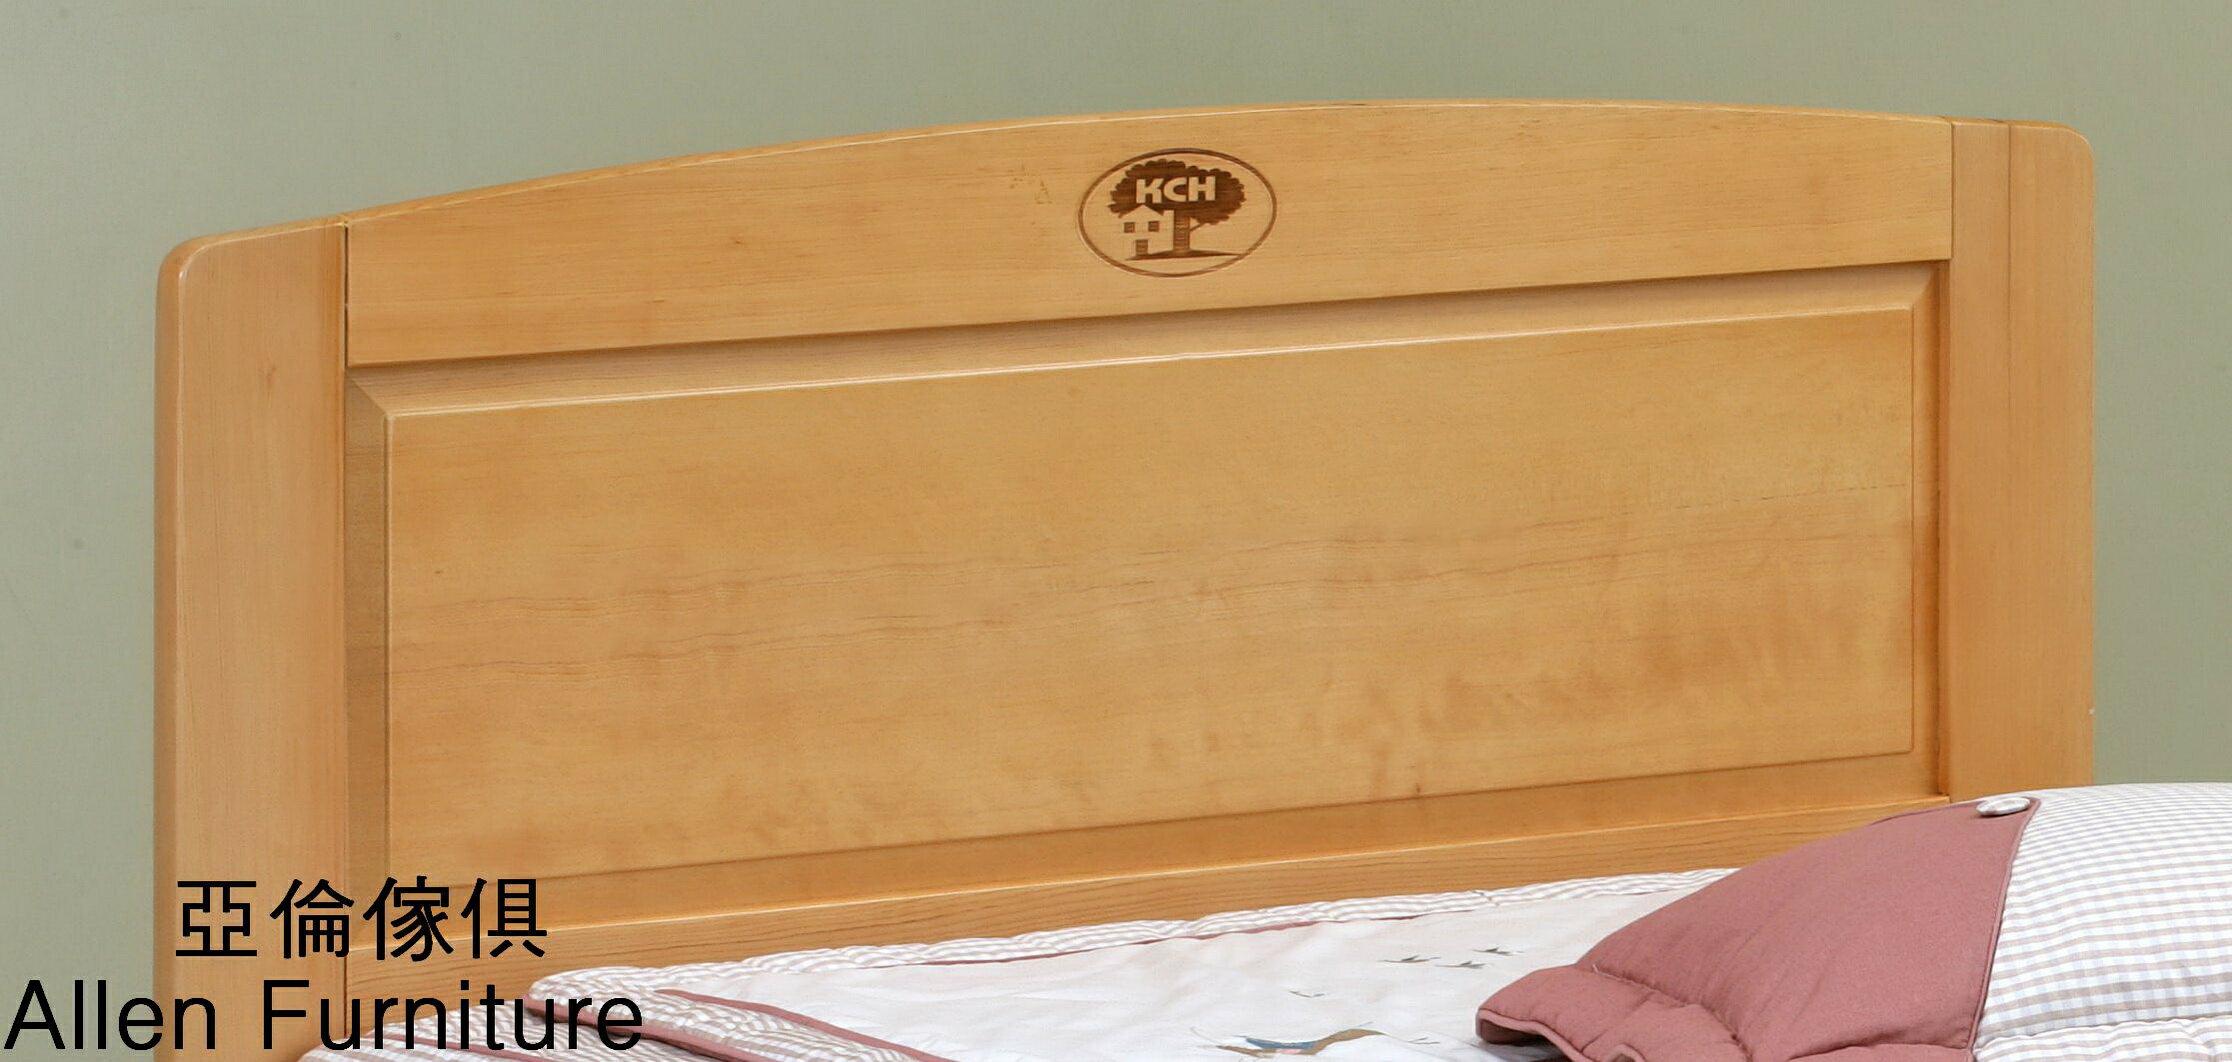 亞倫傢俱*史達琳檜木實木3.5尺單人床架 1